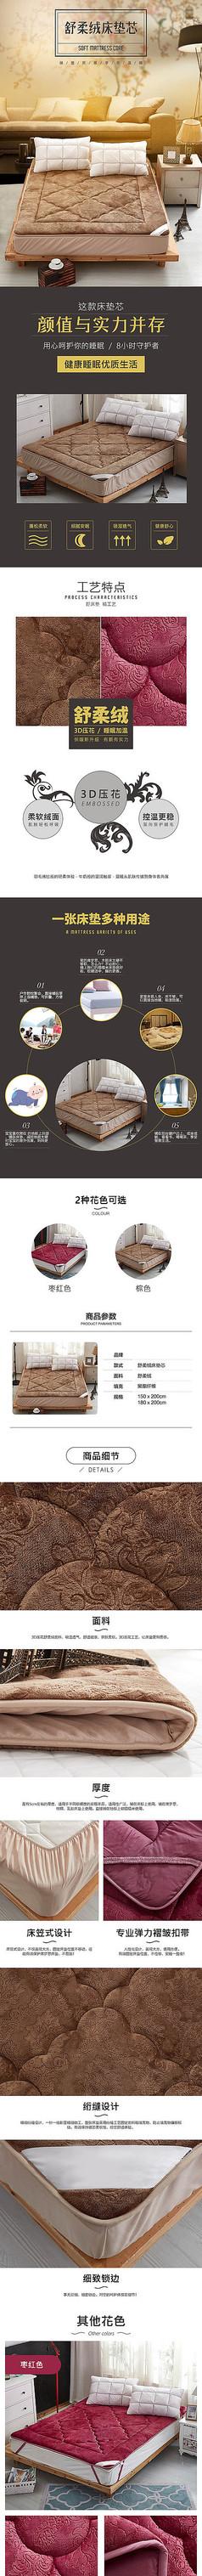 淘宝家纺床垫芯详情页模板